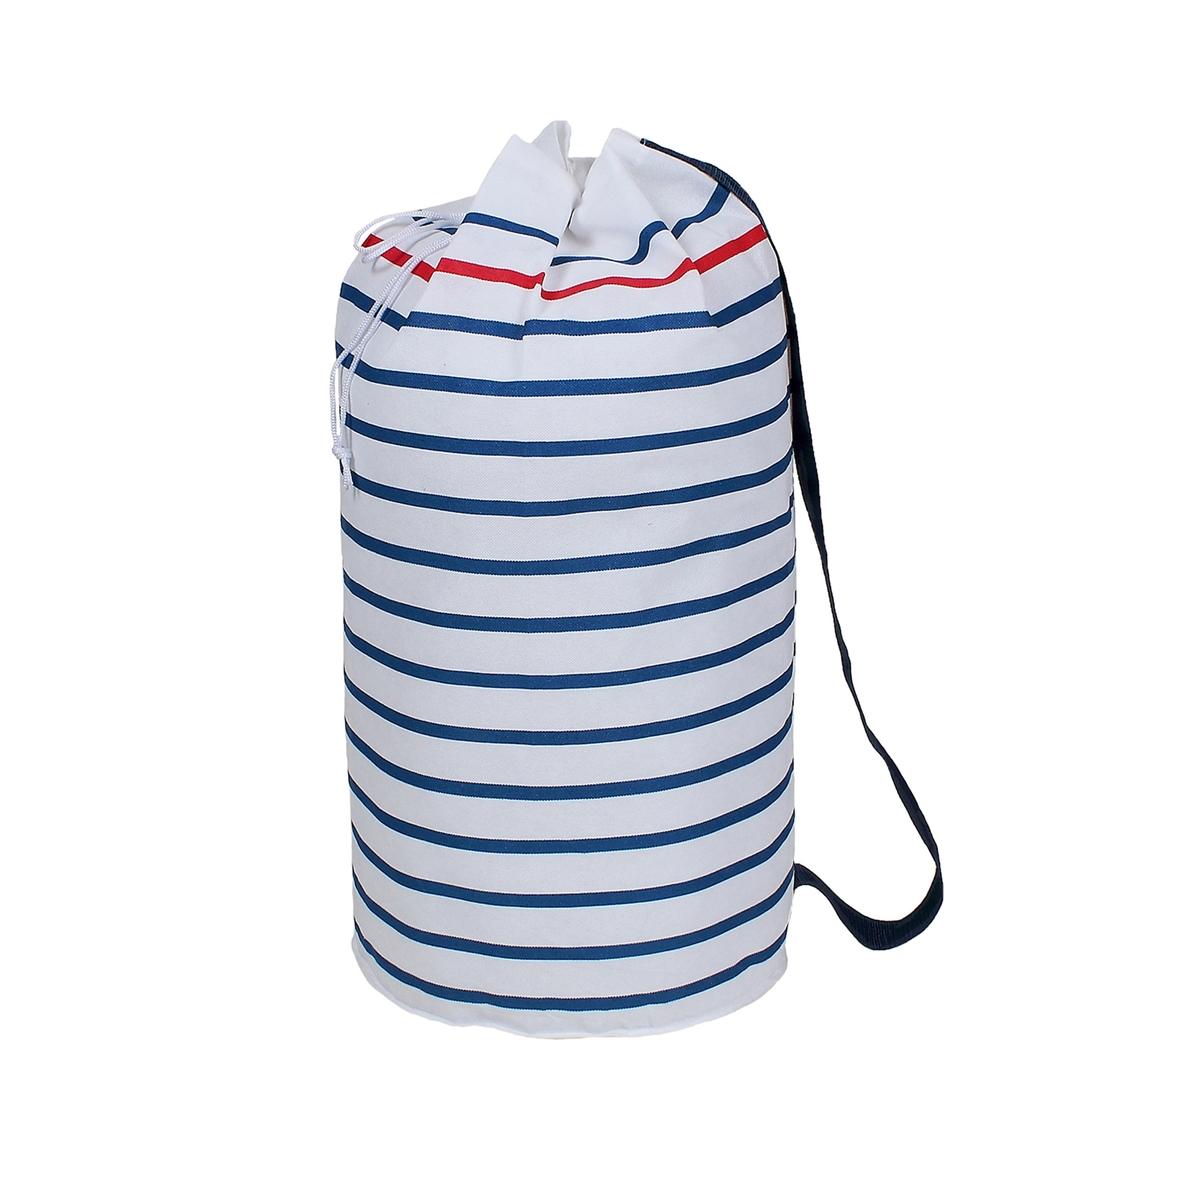 Сумка-рюкзак для белья, BazilХраните белье и экономьте свободное пространство в доме благодаря этой практичной и удобной в транспортировке сумке с полосатым рисунком.Характеристики сумки для белья:- Нетканый материал из 100% полипорпилена с рисунком в синюю и красную полоску на белом фоне.- Застежка с завязками и фиксаторами на кулиске.- Плечевой ремень для удобной транспортировки.Размеры сумки для белья:? 38 см.Высота: 65 см.Вместимость: 90 л.Другие сумки и чехлы для хранения Bazil на сайте laredoute.ru<br><br>Цвет: в полоску белый/темно-синий